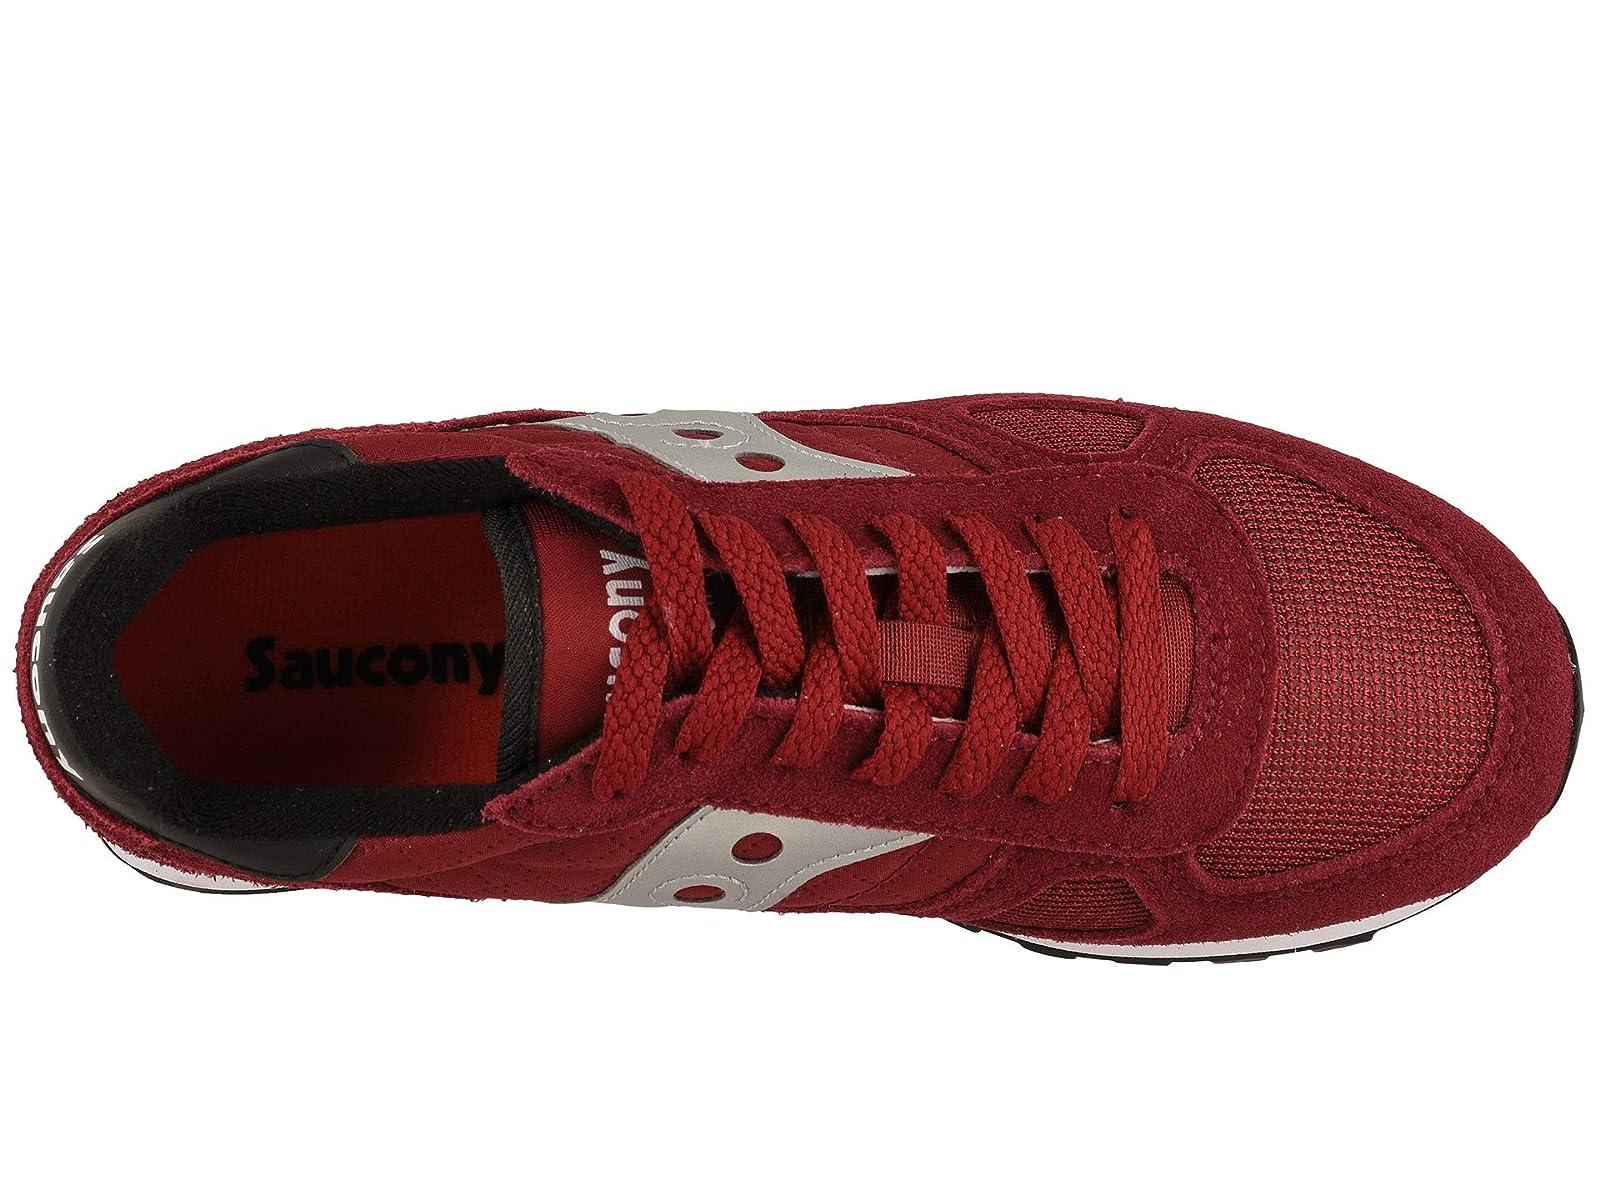 Saucony Originals Saucony Originals Women's Shadow Original Sneaker, Light GreyBurnt Orange, 5 M US from Amazon | Real Simple